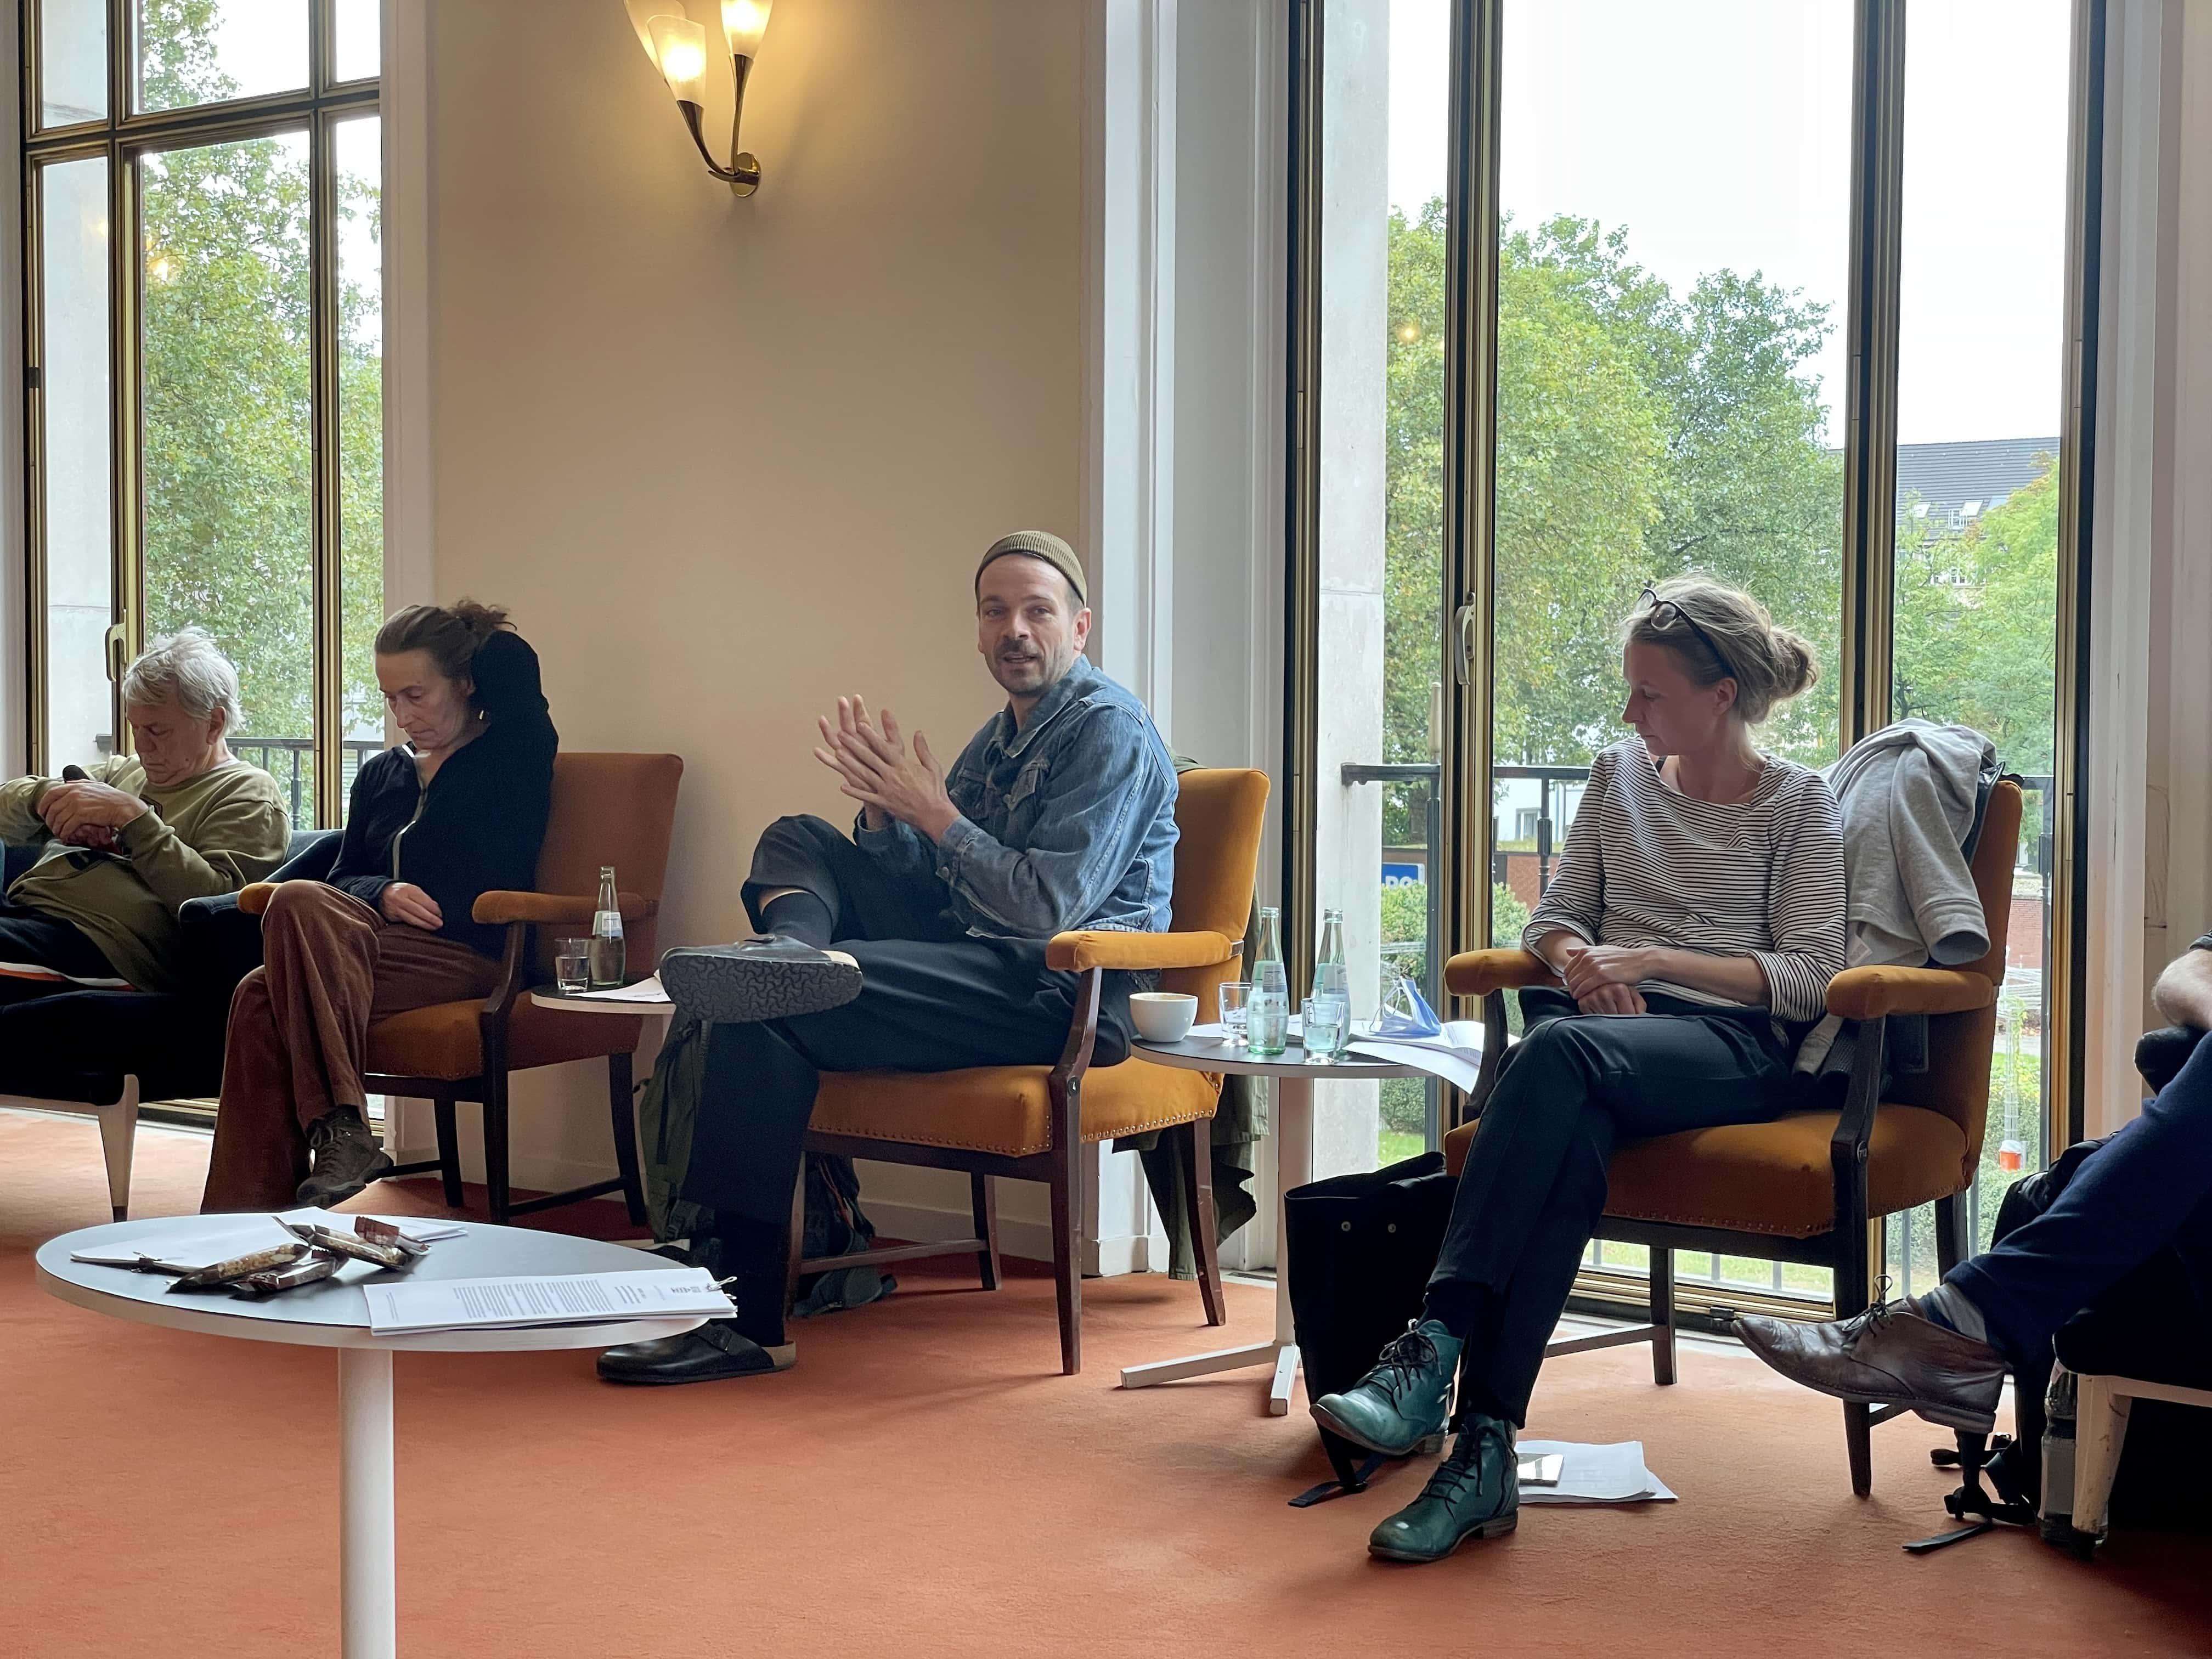 Schauspielhaus Bochum (Pressekonferenz zu den Oktober-Premieren): Johan Simons, Susanne Winnacker, Robert Borgmann, Angela Obst